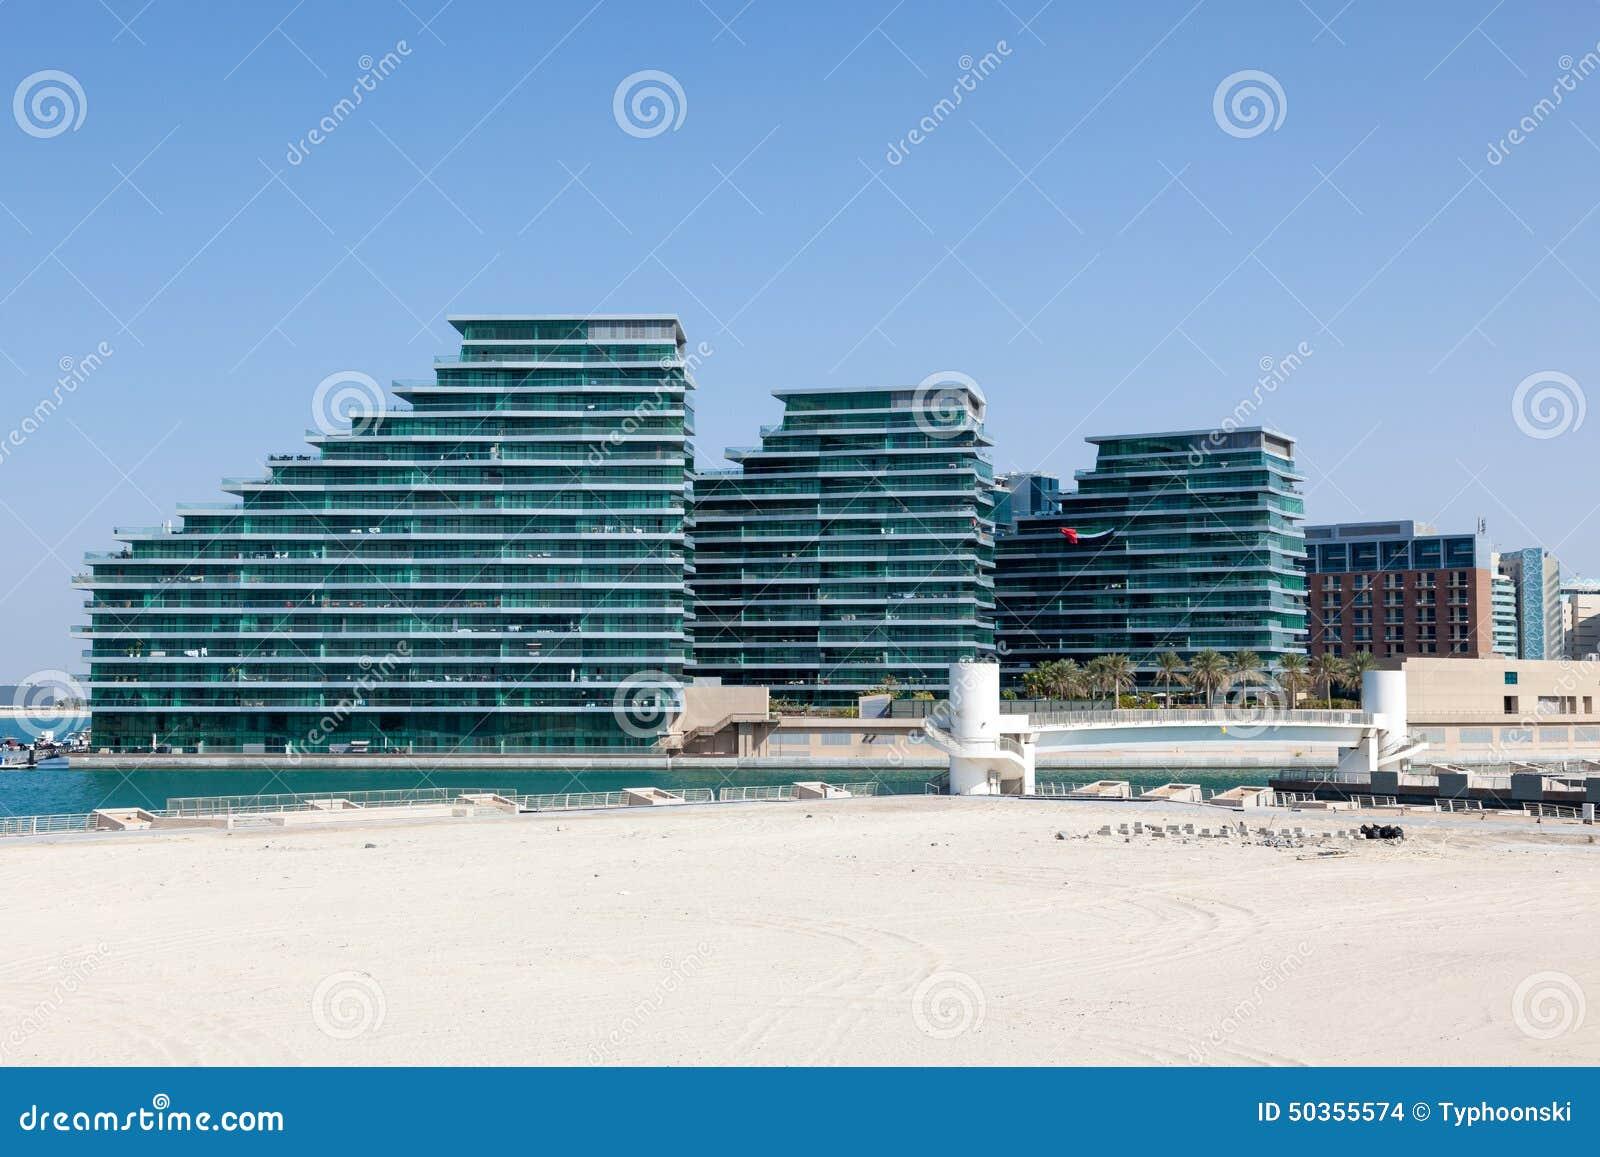 Neue Wohngebäude in Abu Dhabi